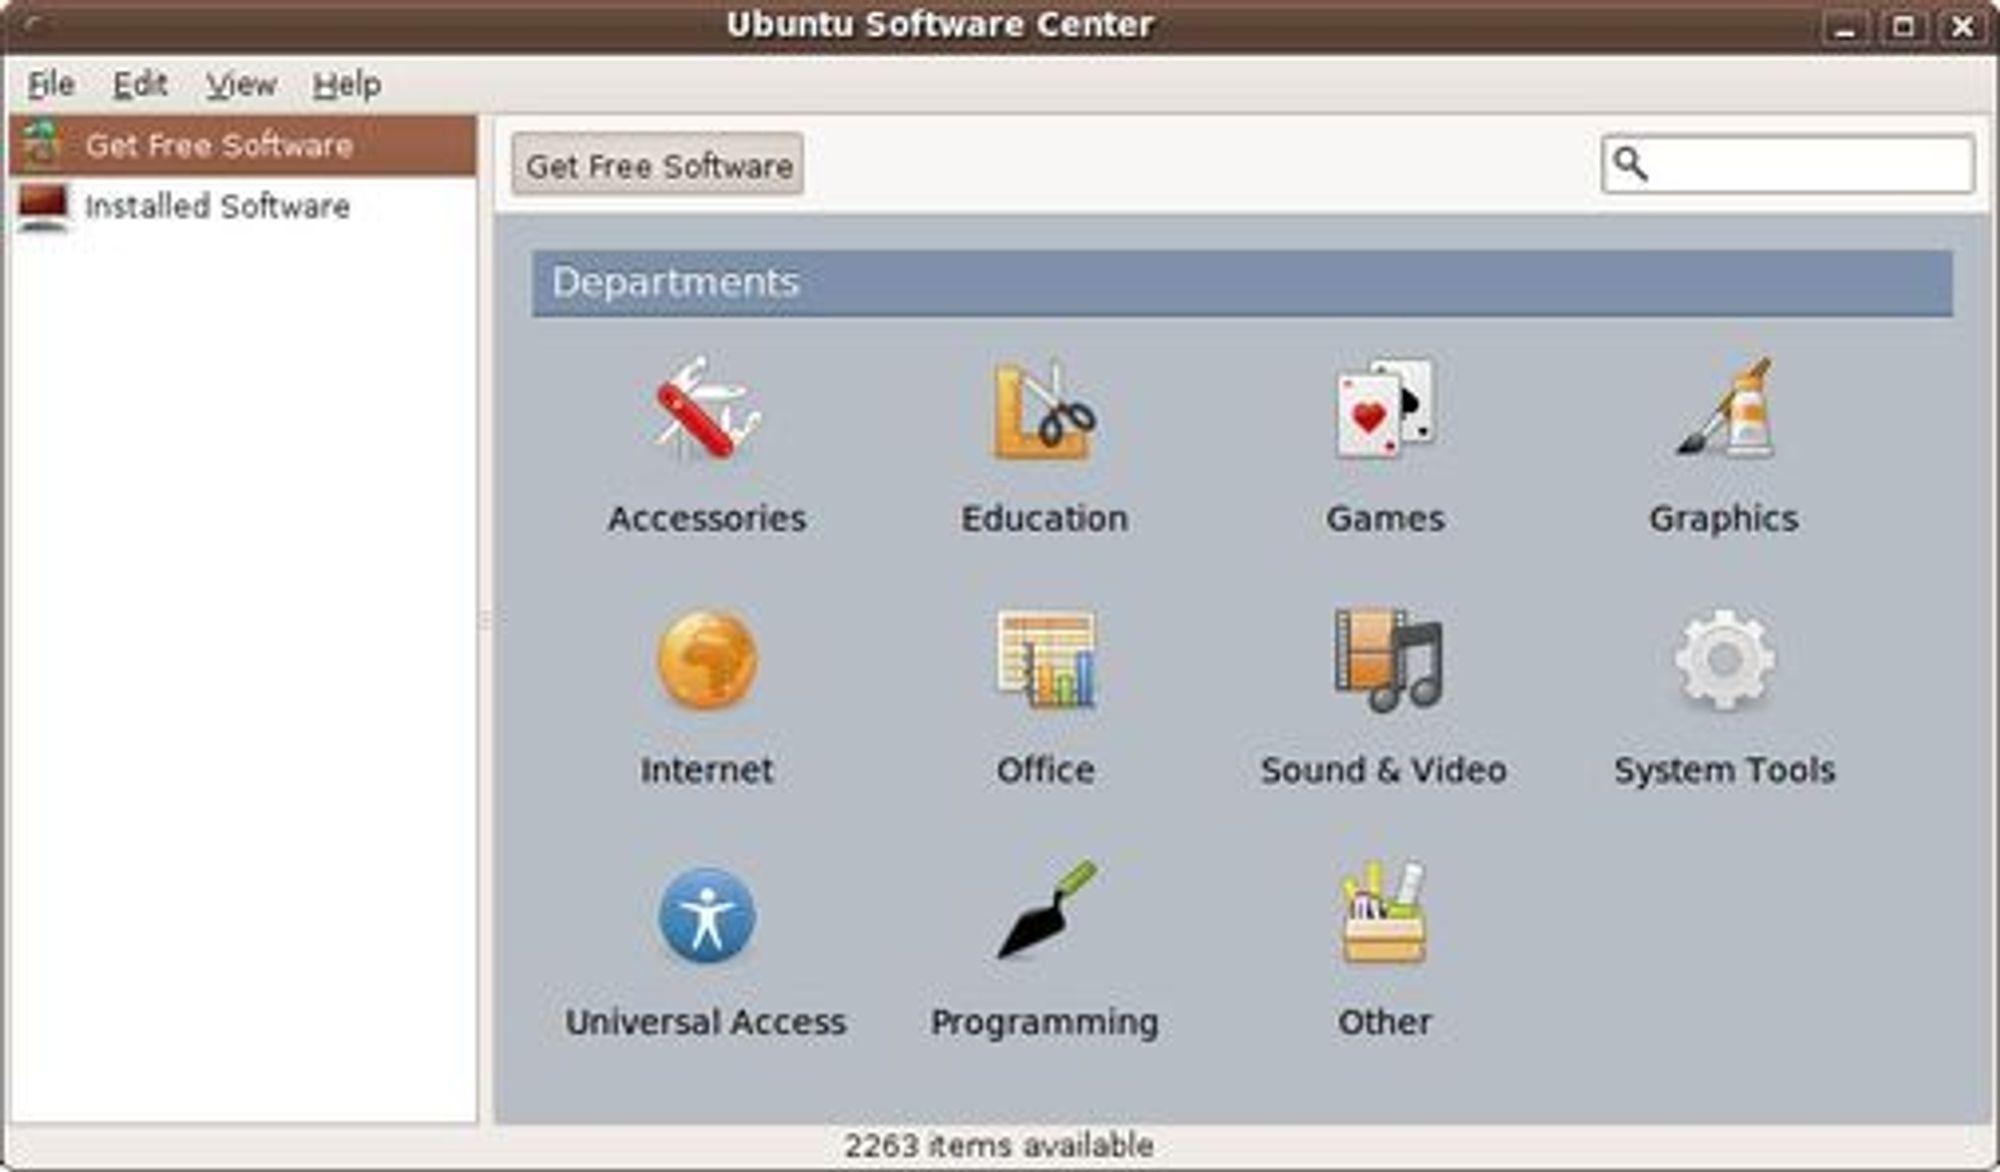 Ubuntu Software Center skal gi brukerne bedre oversikt over den store mengden av tilgjengelig programvare til Ubuntu 9.10.